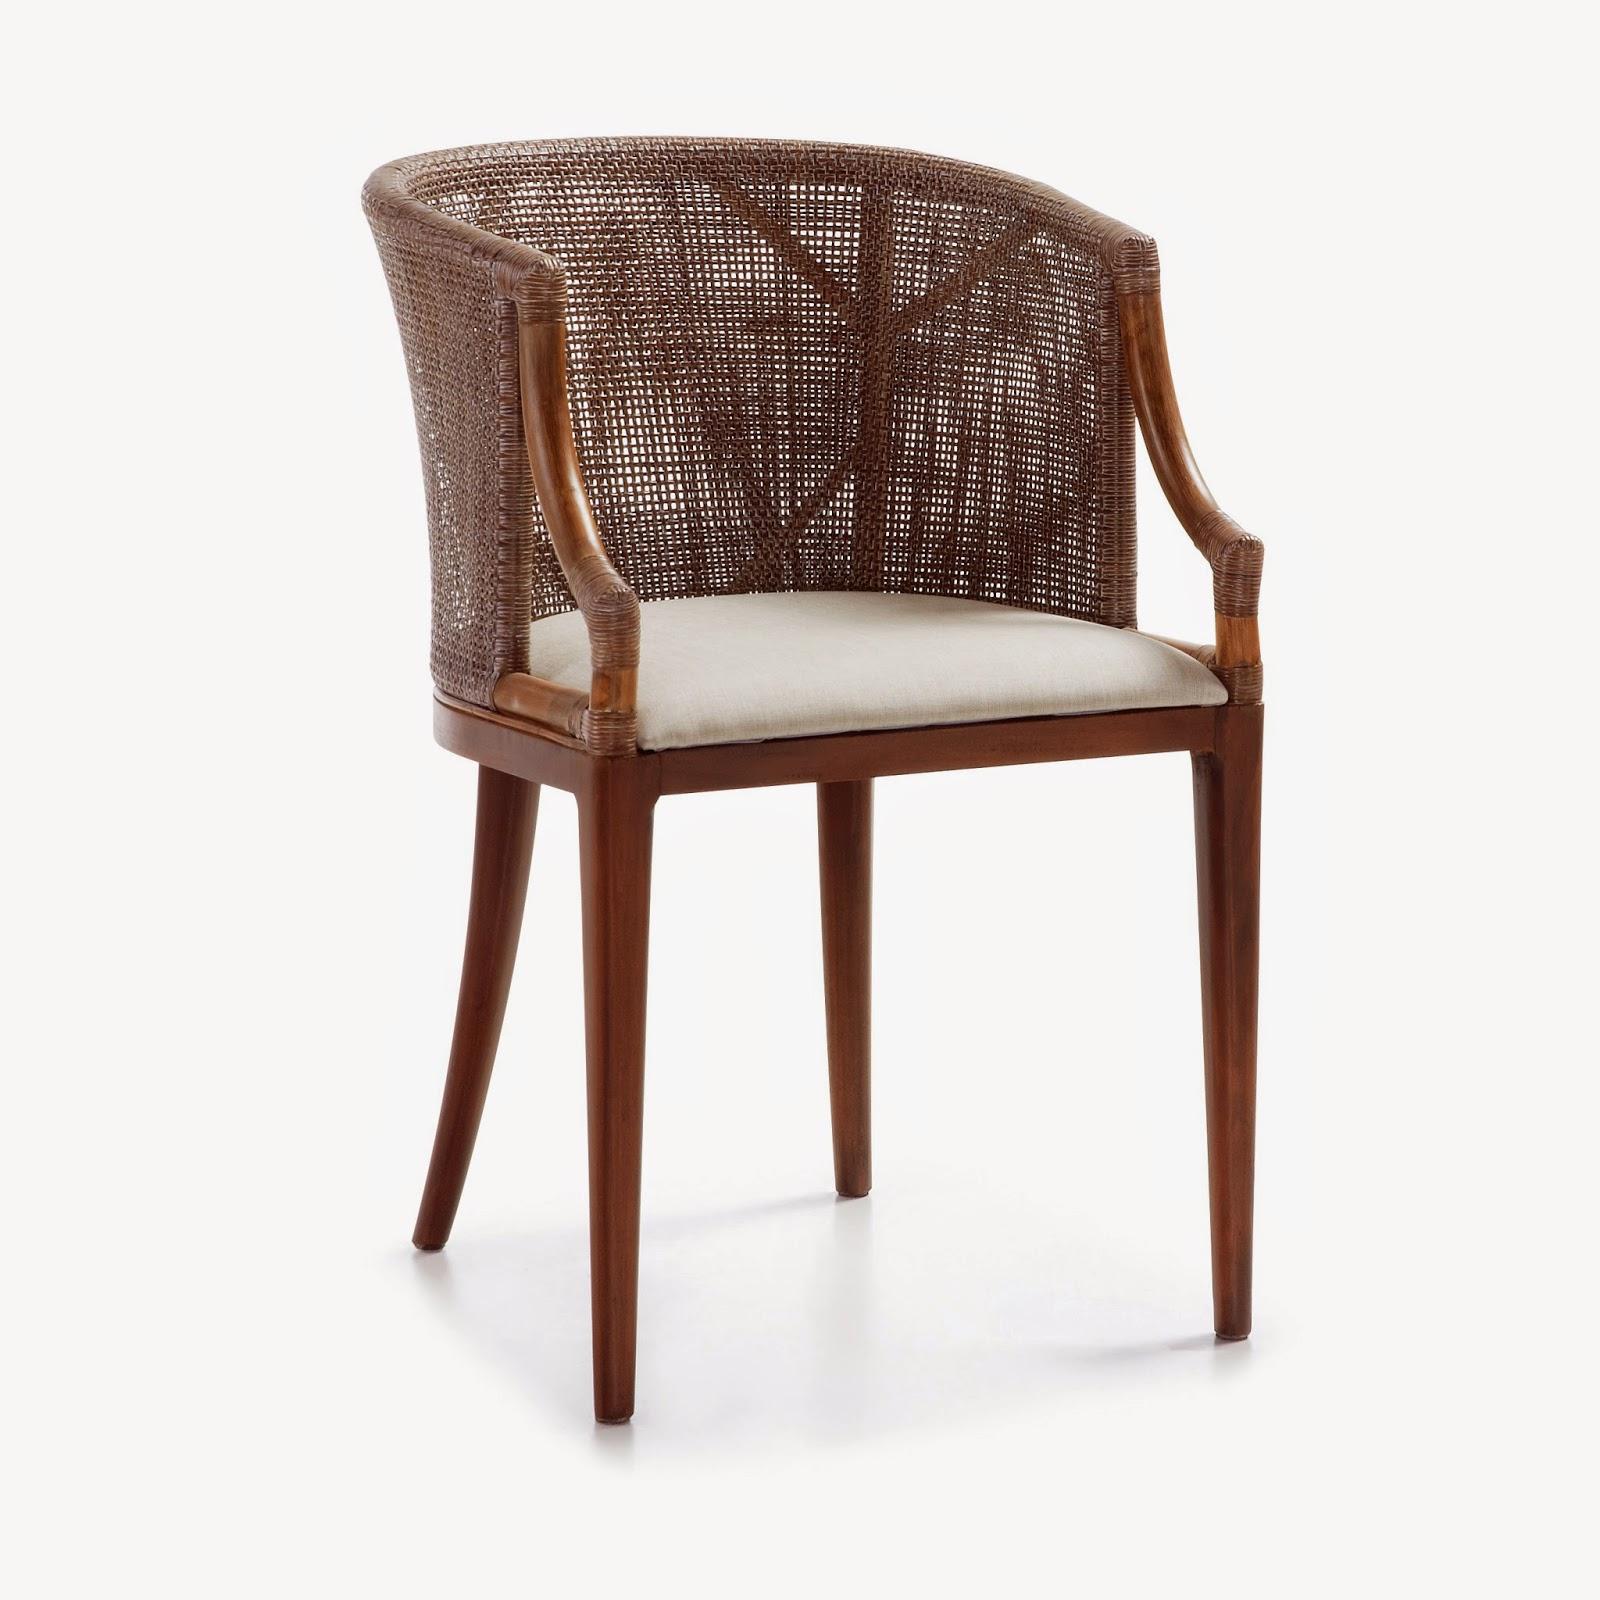 Muebles de comedor 4 sillas de rattan para un comedor for Muebles de rattan